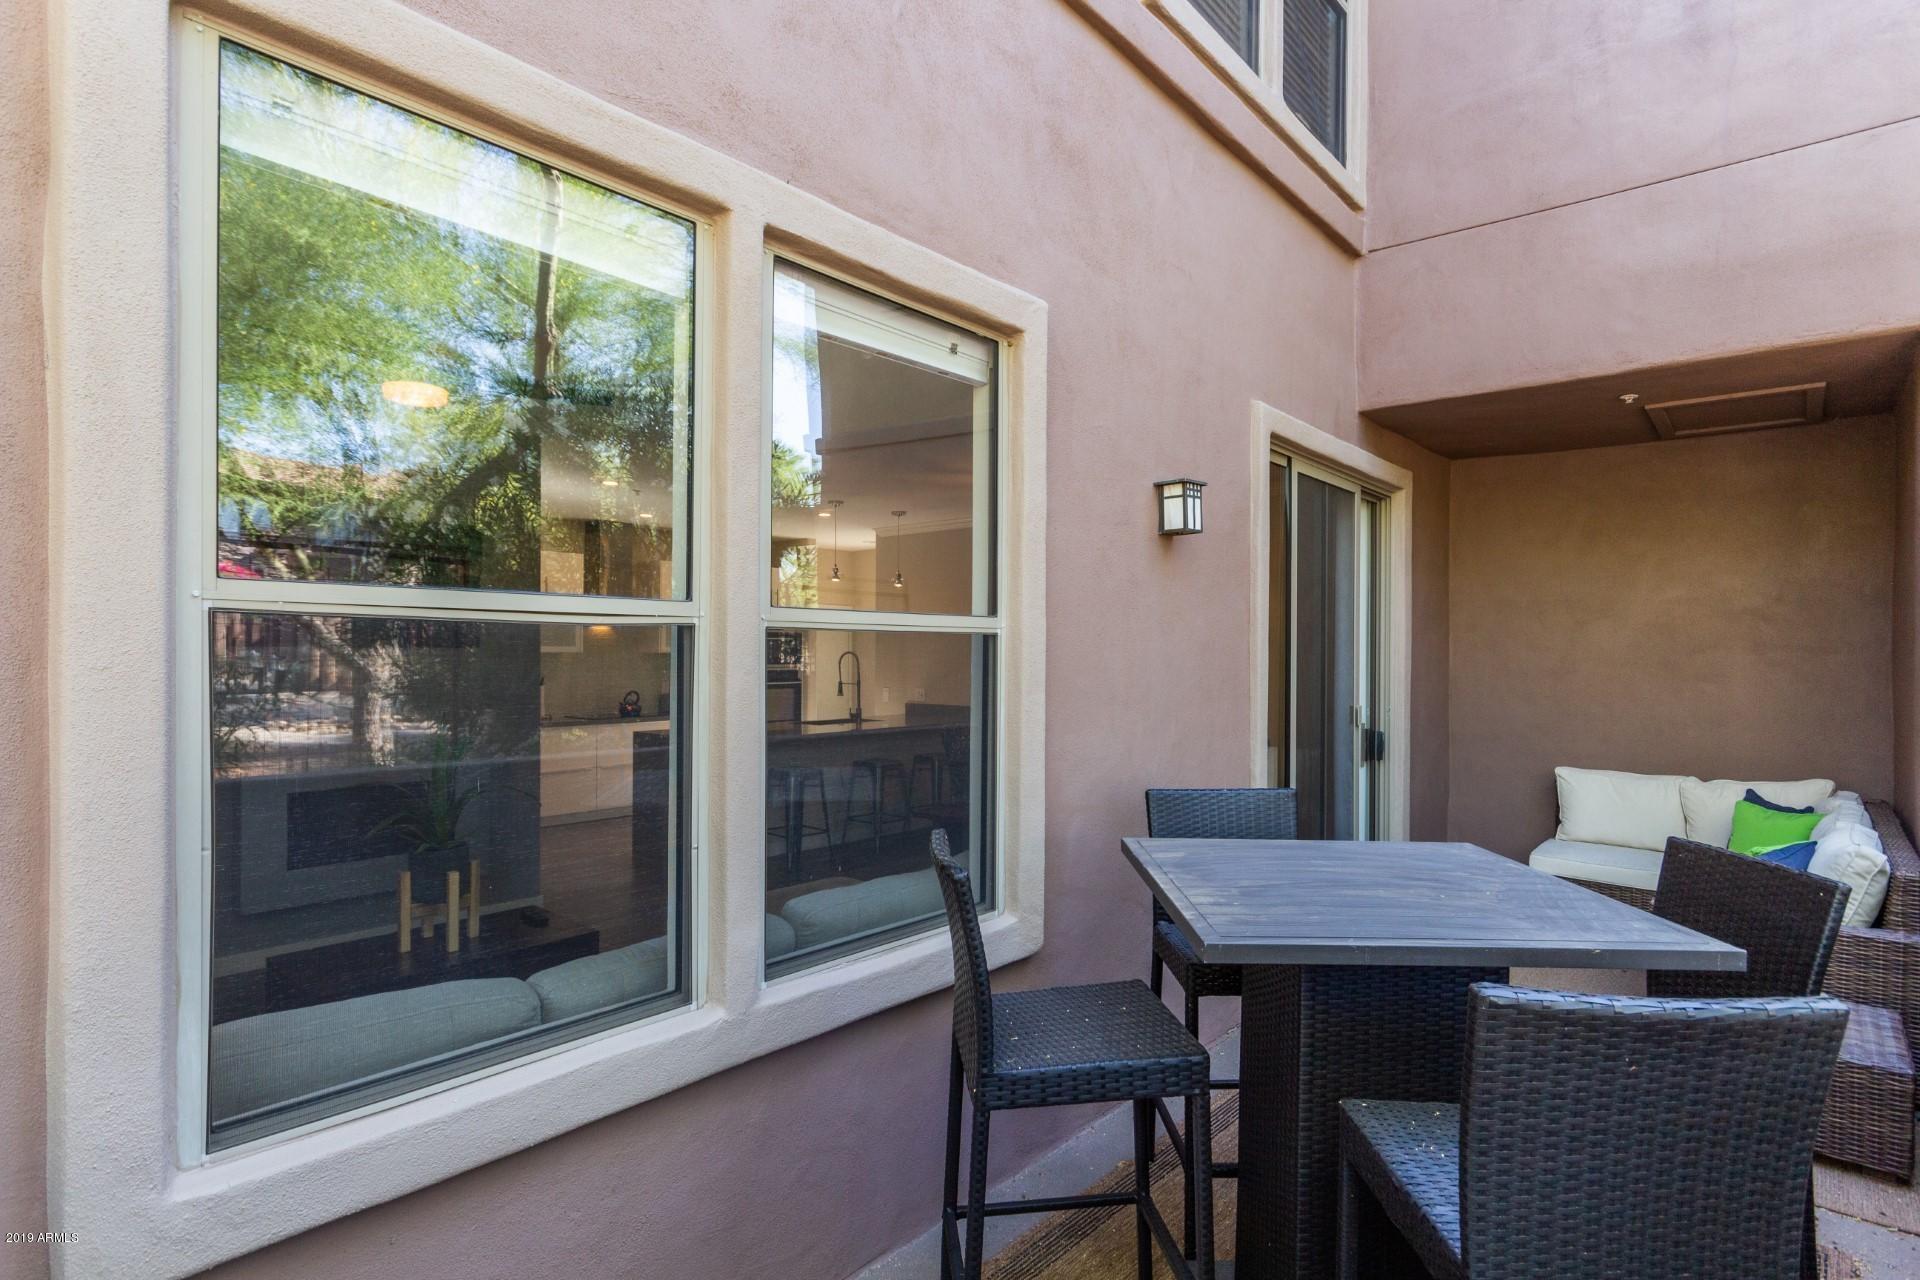 19777 N 76th Street # 1350, Scottsdale, Arizona 85255, 3 Bedrooms Bedrooms, ,Residential Lease,For Rent,19777 N 76th Street # 1350,5979123